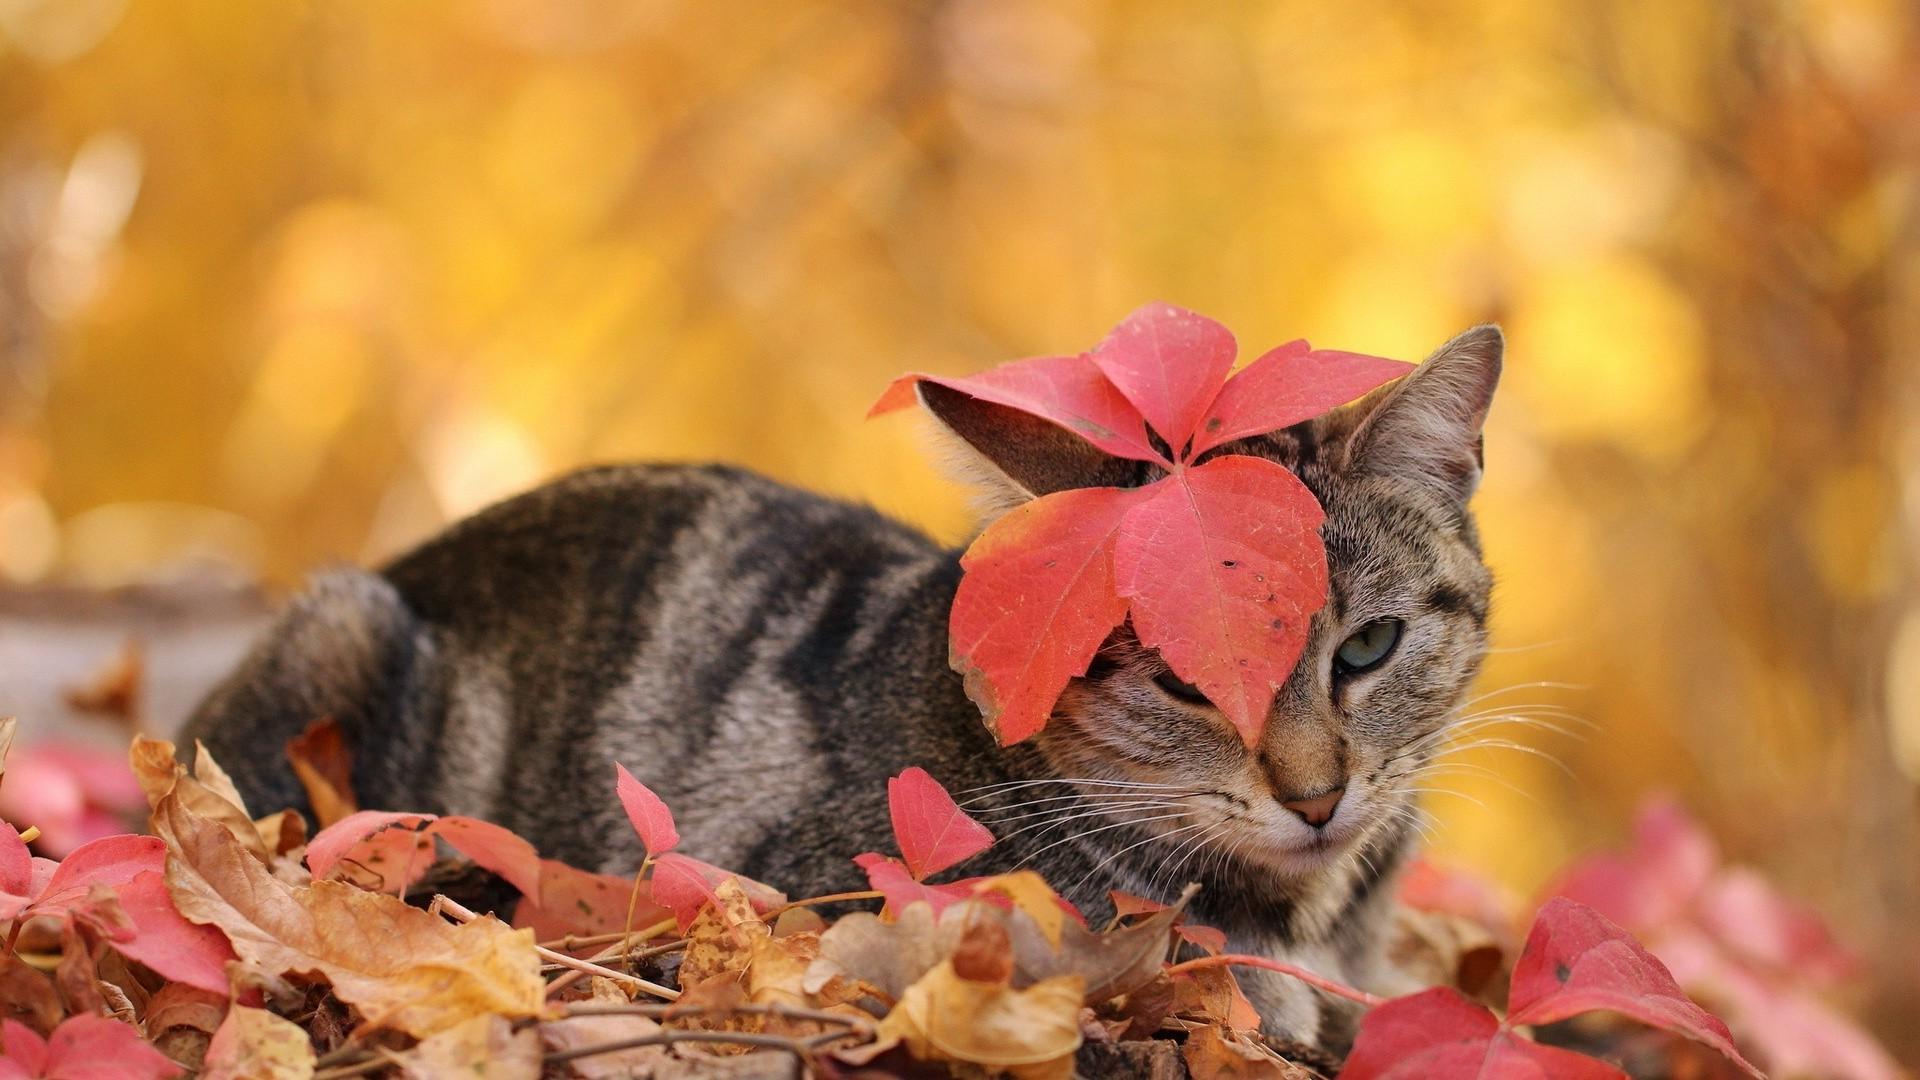 данной фотообои на рабочий стол кошка и осень светлые более темные